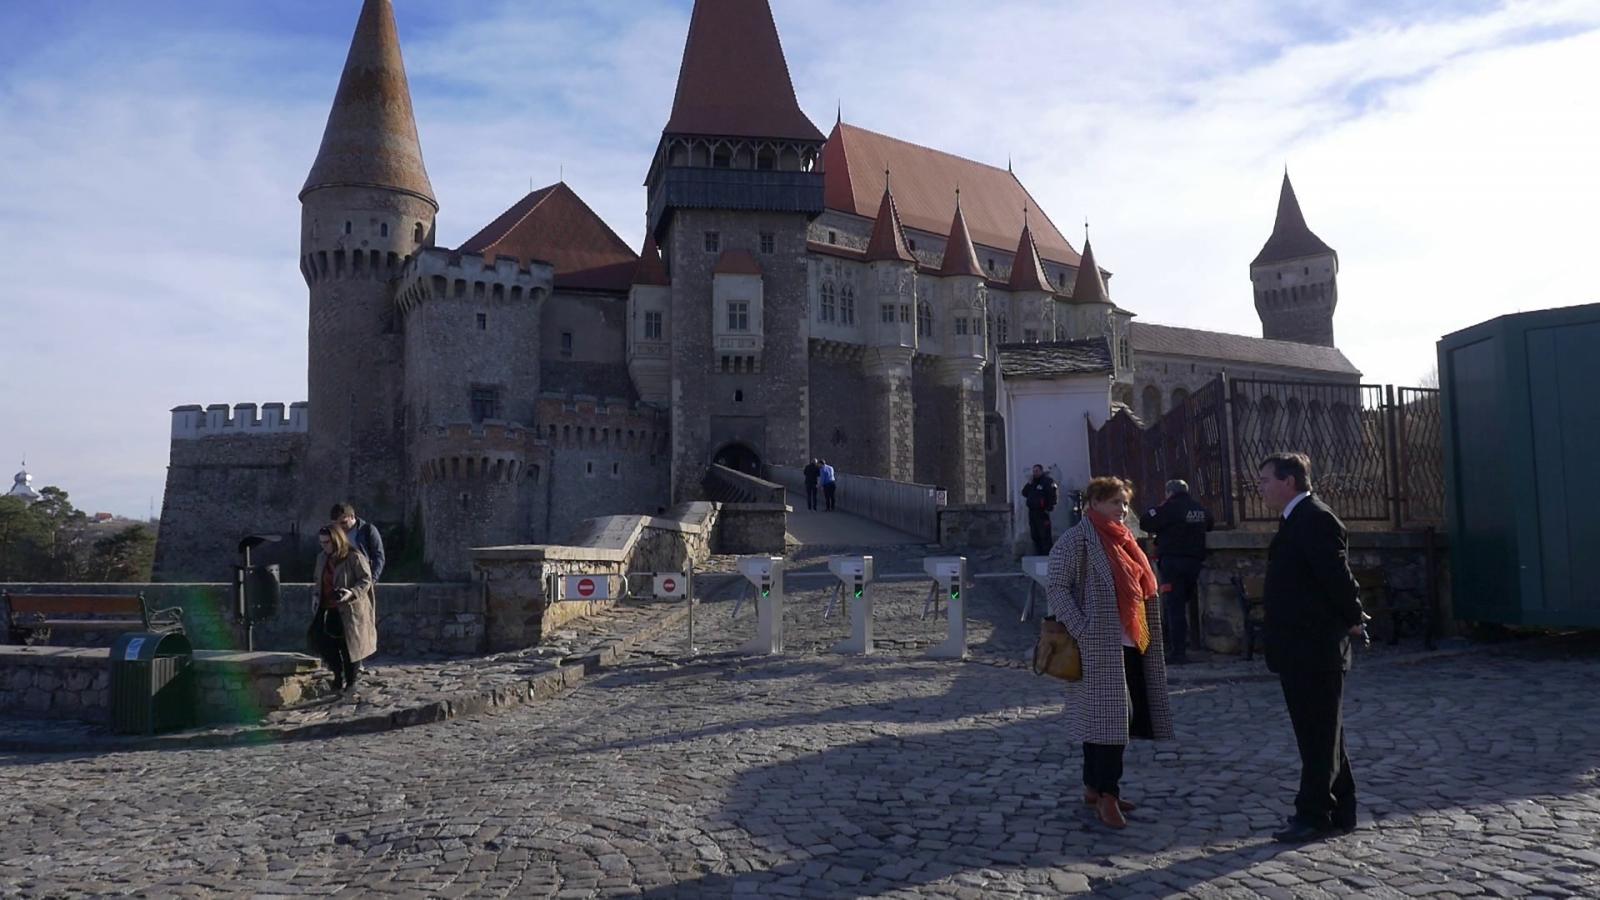 Megérkeztünk a vár elé